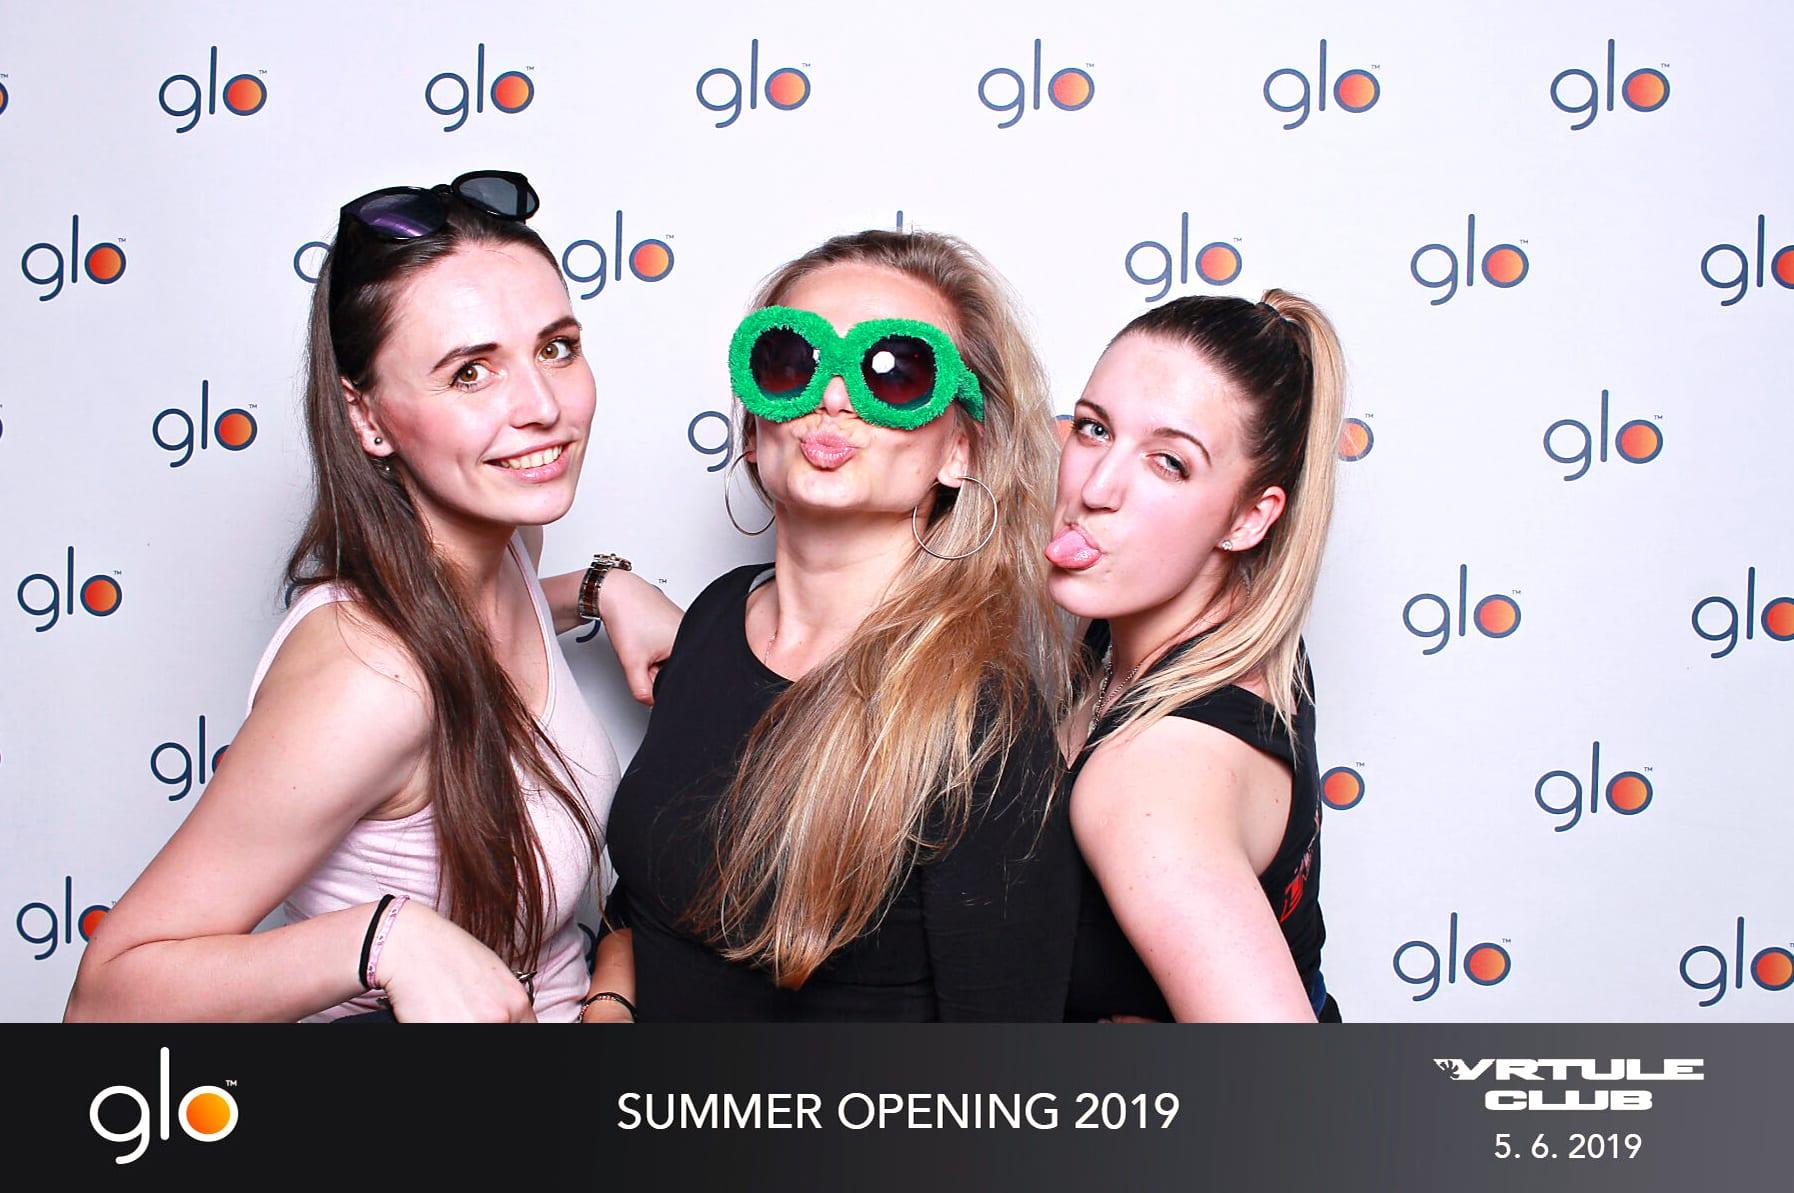 fotokoutek-glo-5-6-2019-618236